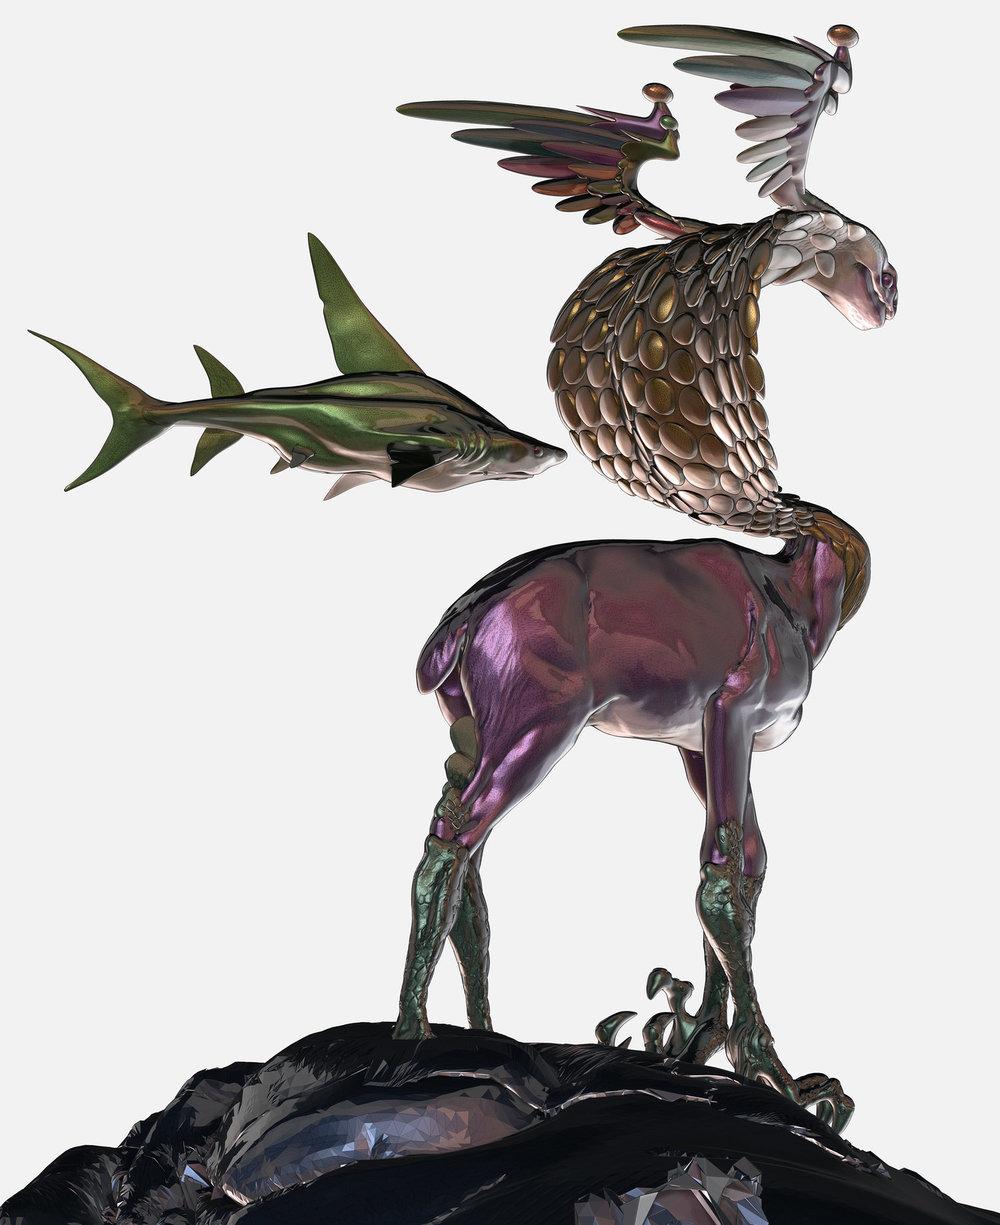 Max+Brazier-Jones+concept+art+creature+beast+zbrush+1.jpeg